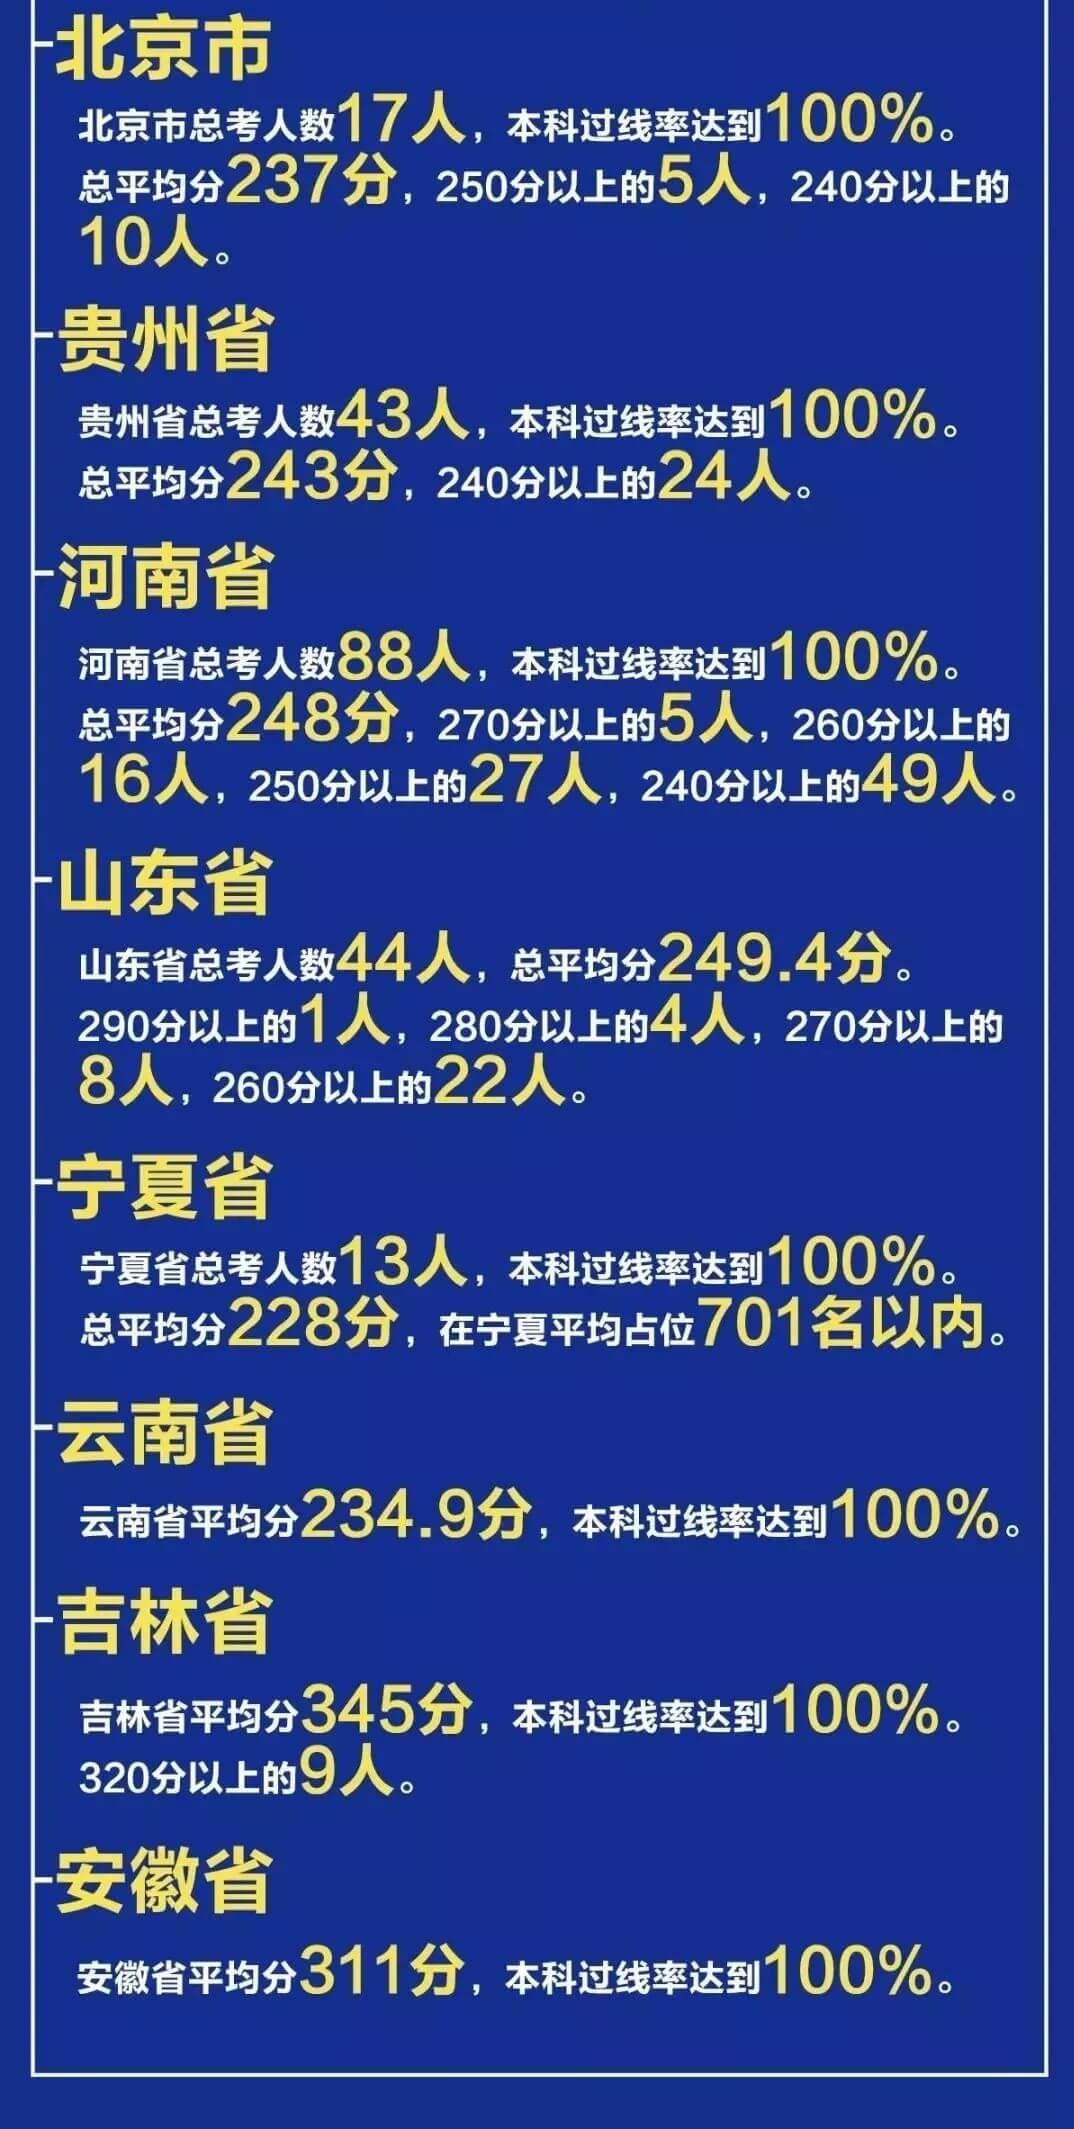 校尉画室:寒假班招生简章 | 预报名2020年集训豪礼重重!,北京画室,北京美术培训     29